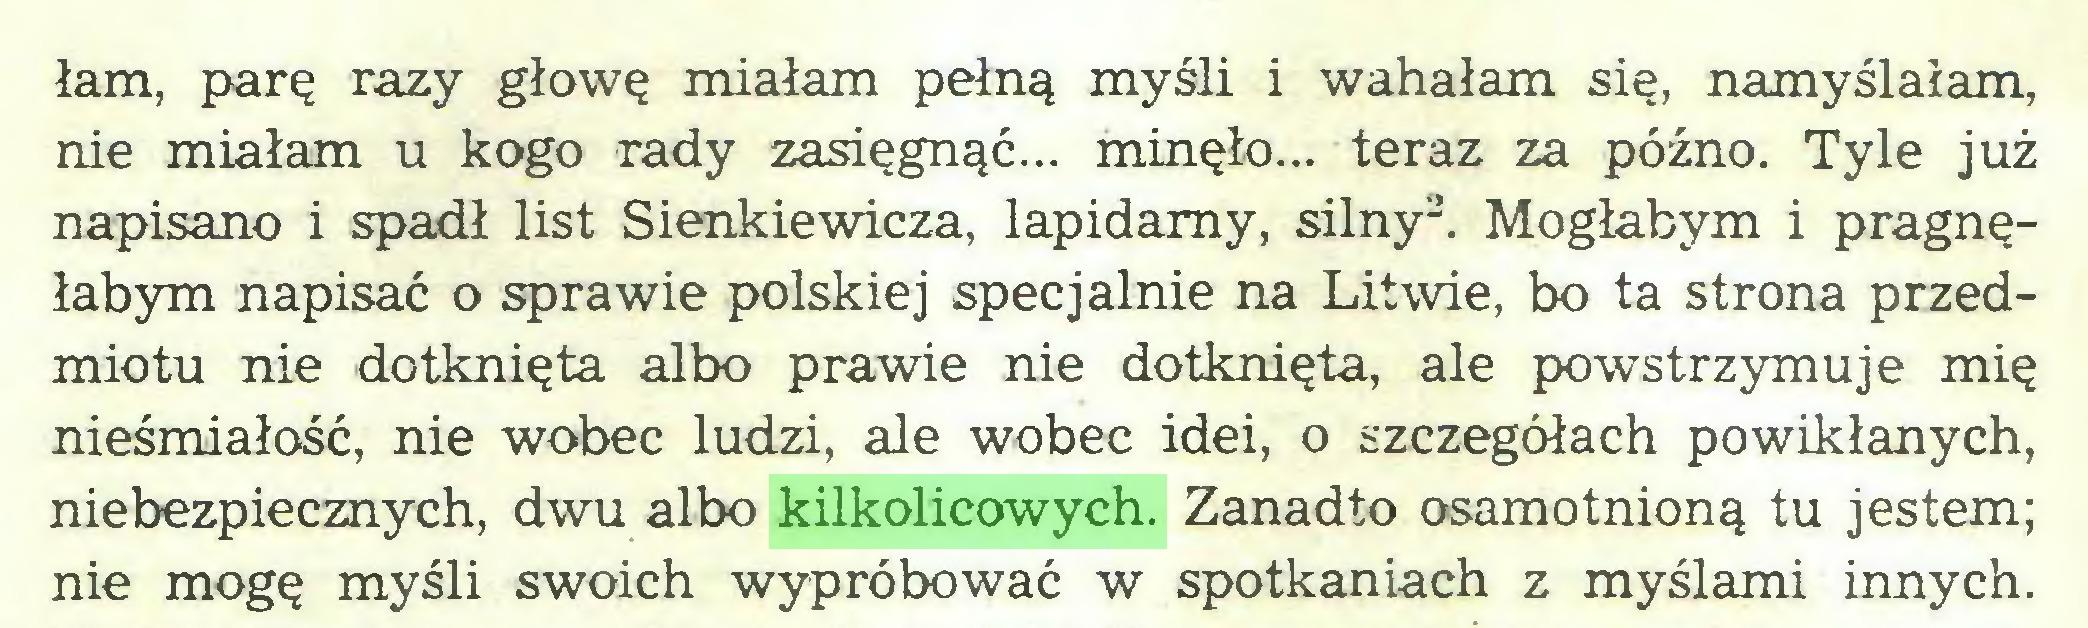 (...) lam, parę razy głowę miałam pełną myśli i wahałam się, namyślałam, nie miałam u kogo rady zasięgnąć... minęło... teraz za późno. Tyle już napisano i spadł list Sienkiewicza, lapidarny, silny2. Mogłabym i pragnęłabym napisać o sprawie polskiej specjalnie na Litwie, bo ta strona przedmiotu nie dotknięta albo prawie nie dotknięta, ale powstrzymuje mię nieśmiałość, nie wobec ludzi, ale wobec idei, o szczegółach powikłanych, niebezpiecznych, dwu albo kilkolicowych. Zanadto osamotnioną tu jestem; nie mogę myśli swoich wypróbować w spotkaniach z myślami innych...